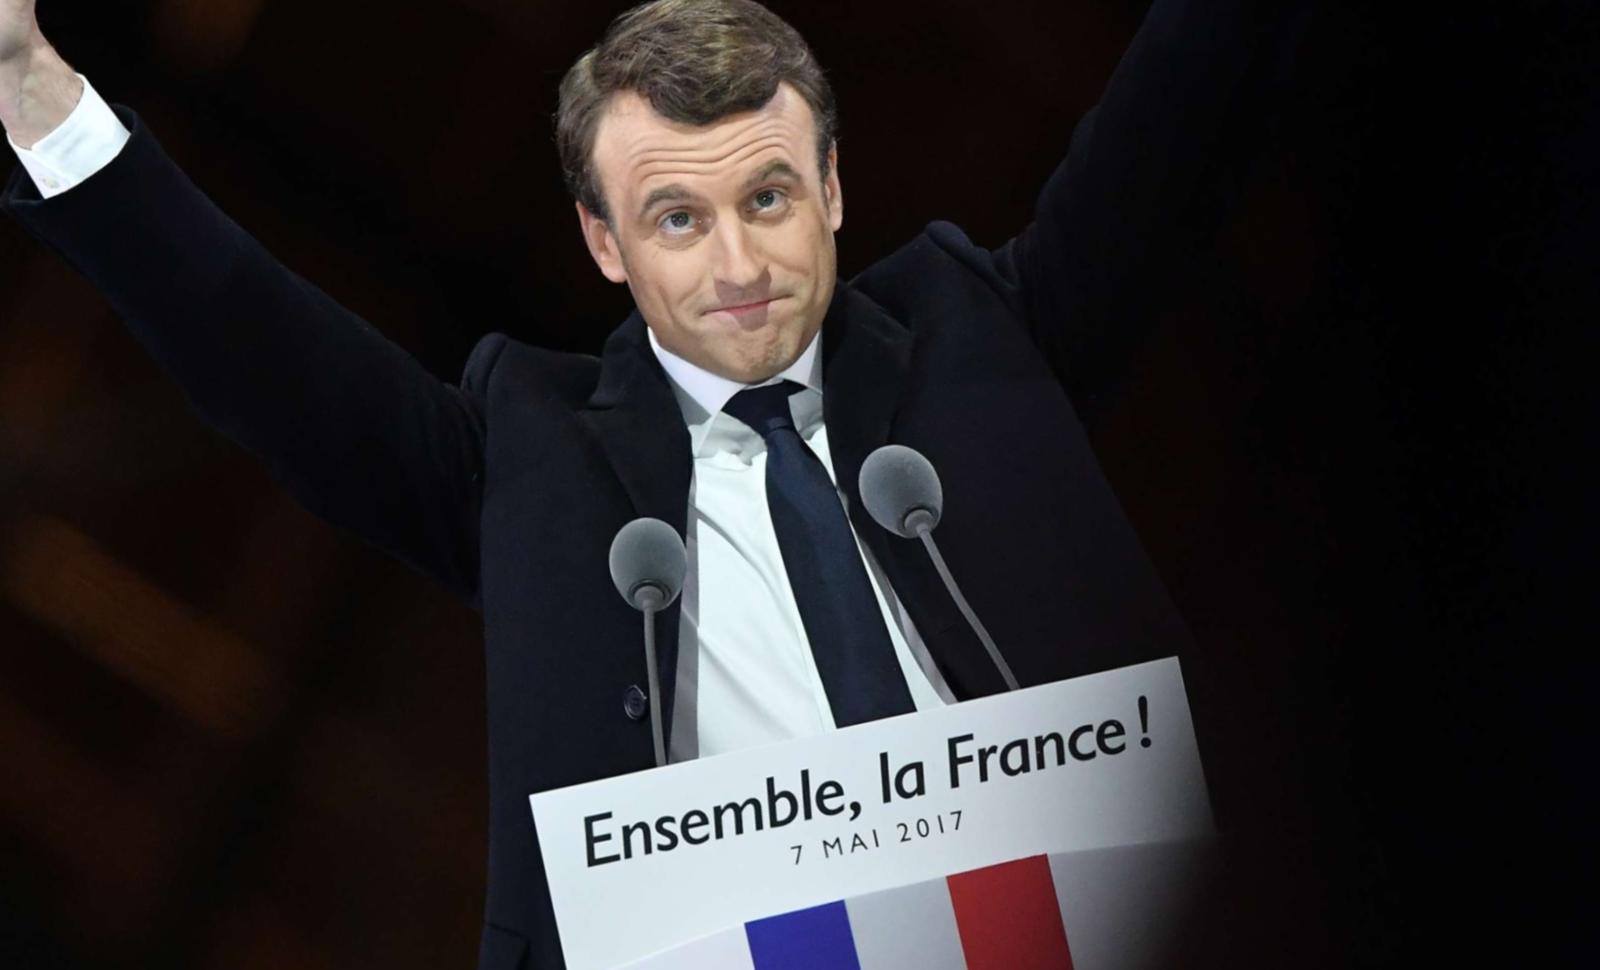 Emmanuel Macron le soir de son élection, au Louvre, le 7 mai 2017 © DAVID NIVIERE/SIPA Numéro de reportage: 00805555_000004